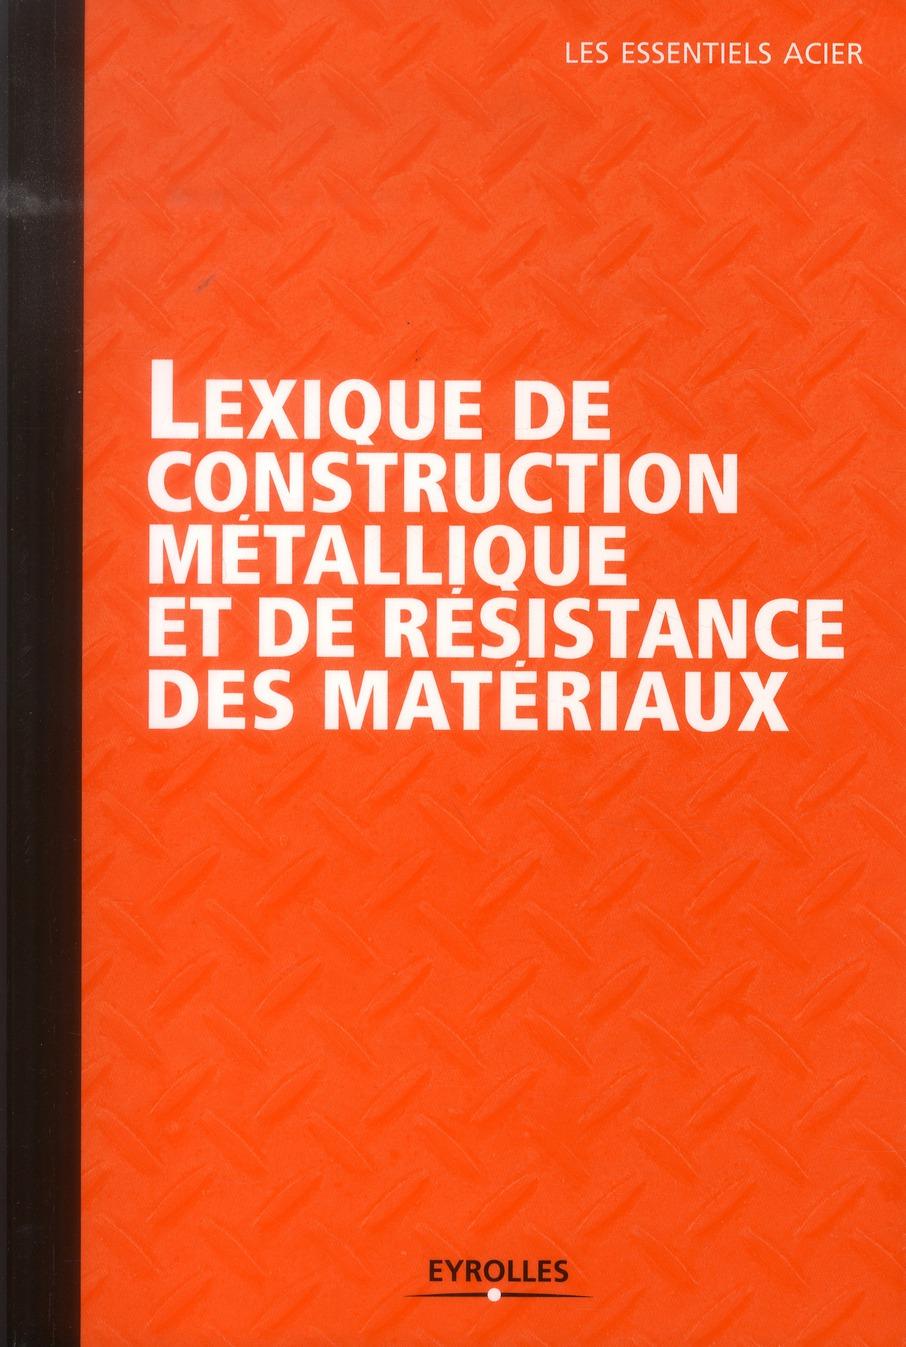 Lexique De La Construction Metallique Et Resistance Des Materiaux